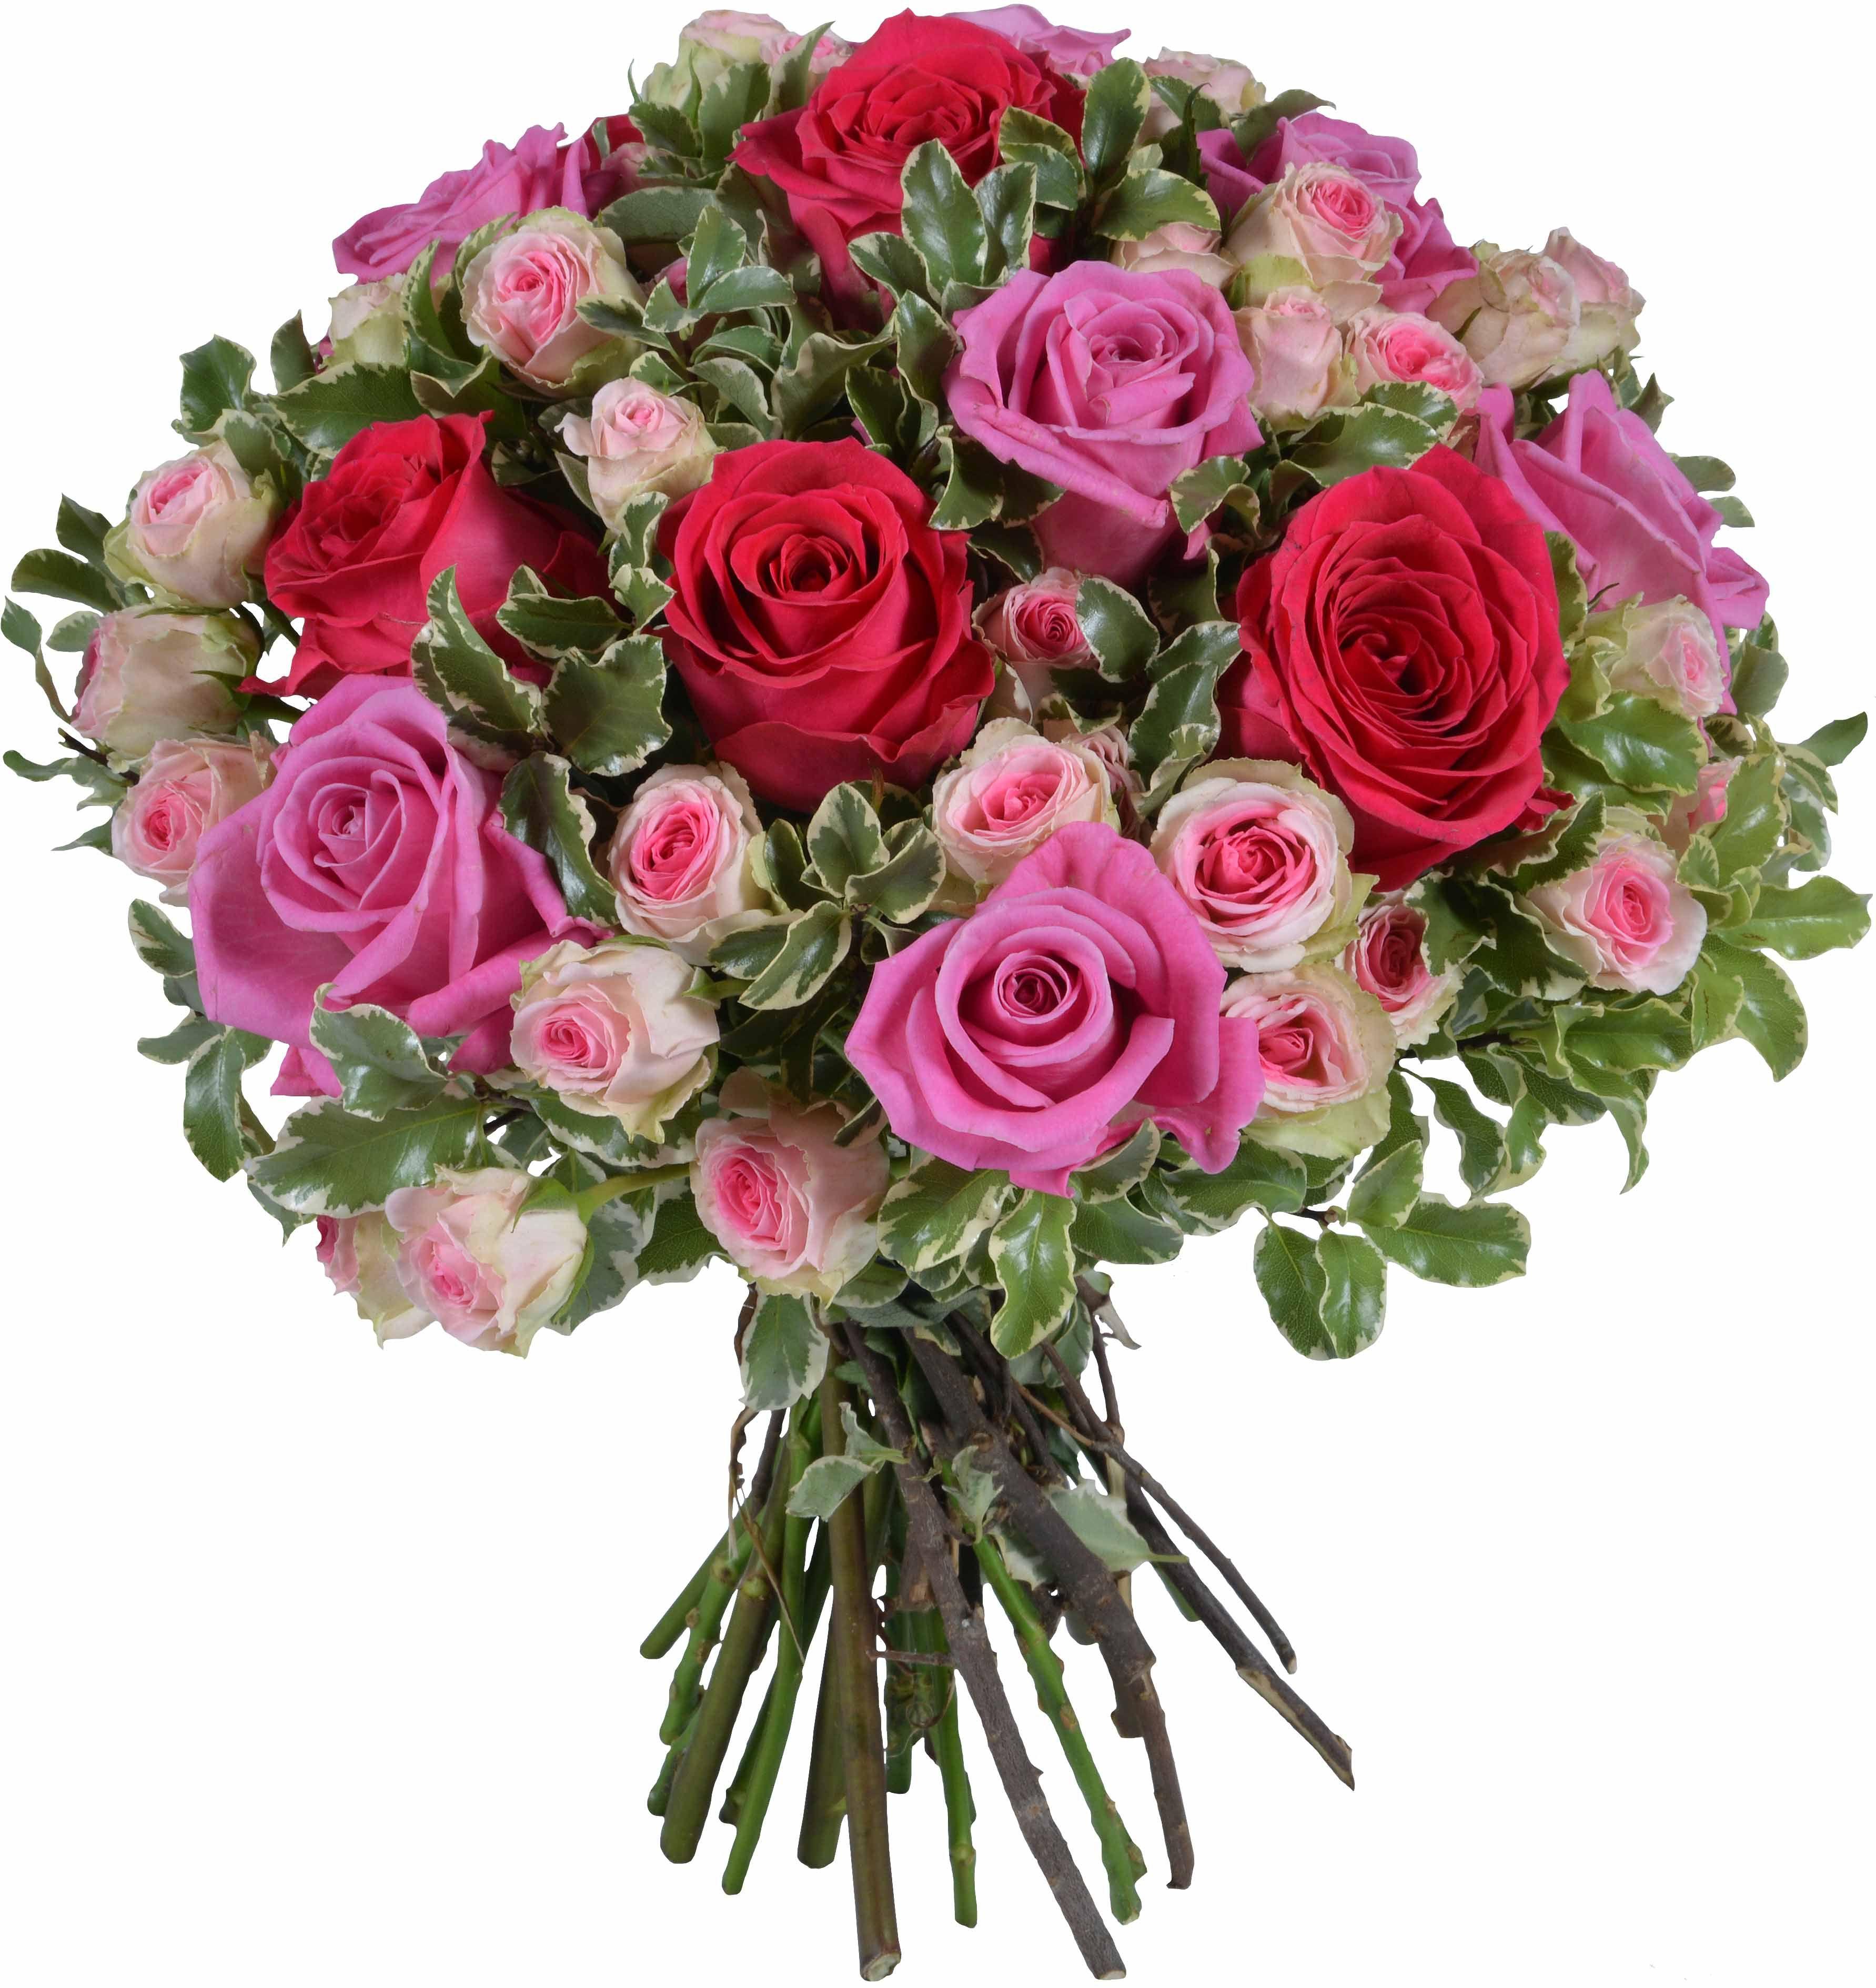 Sublime Bouquet De Roses Rouges Et Rose Une Composition Pleine